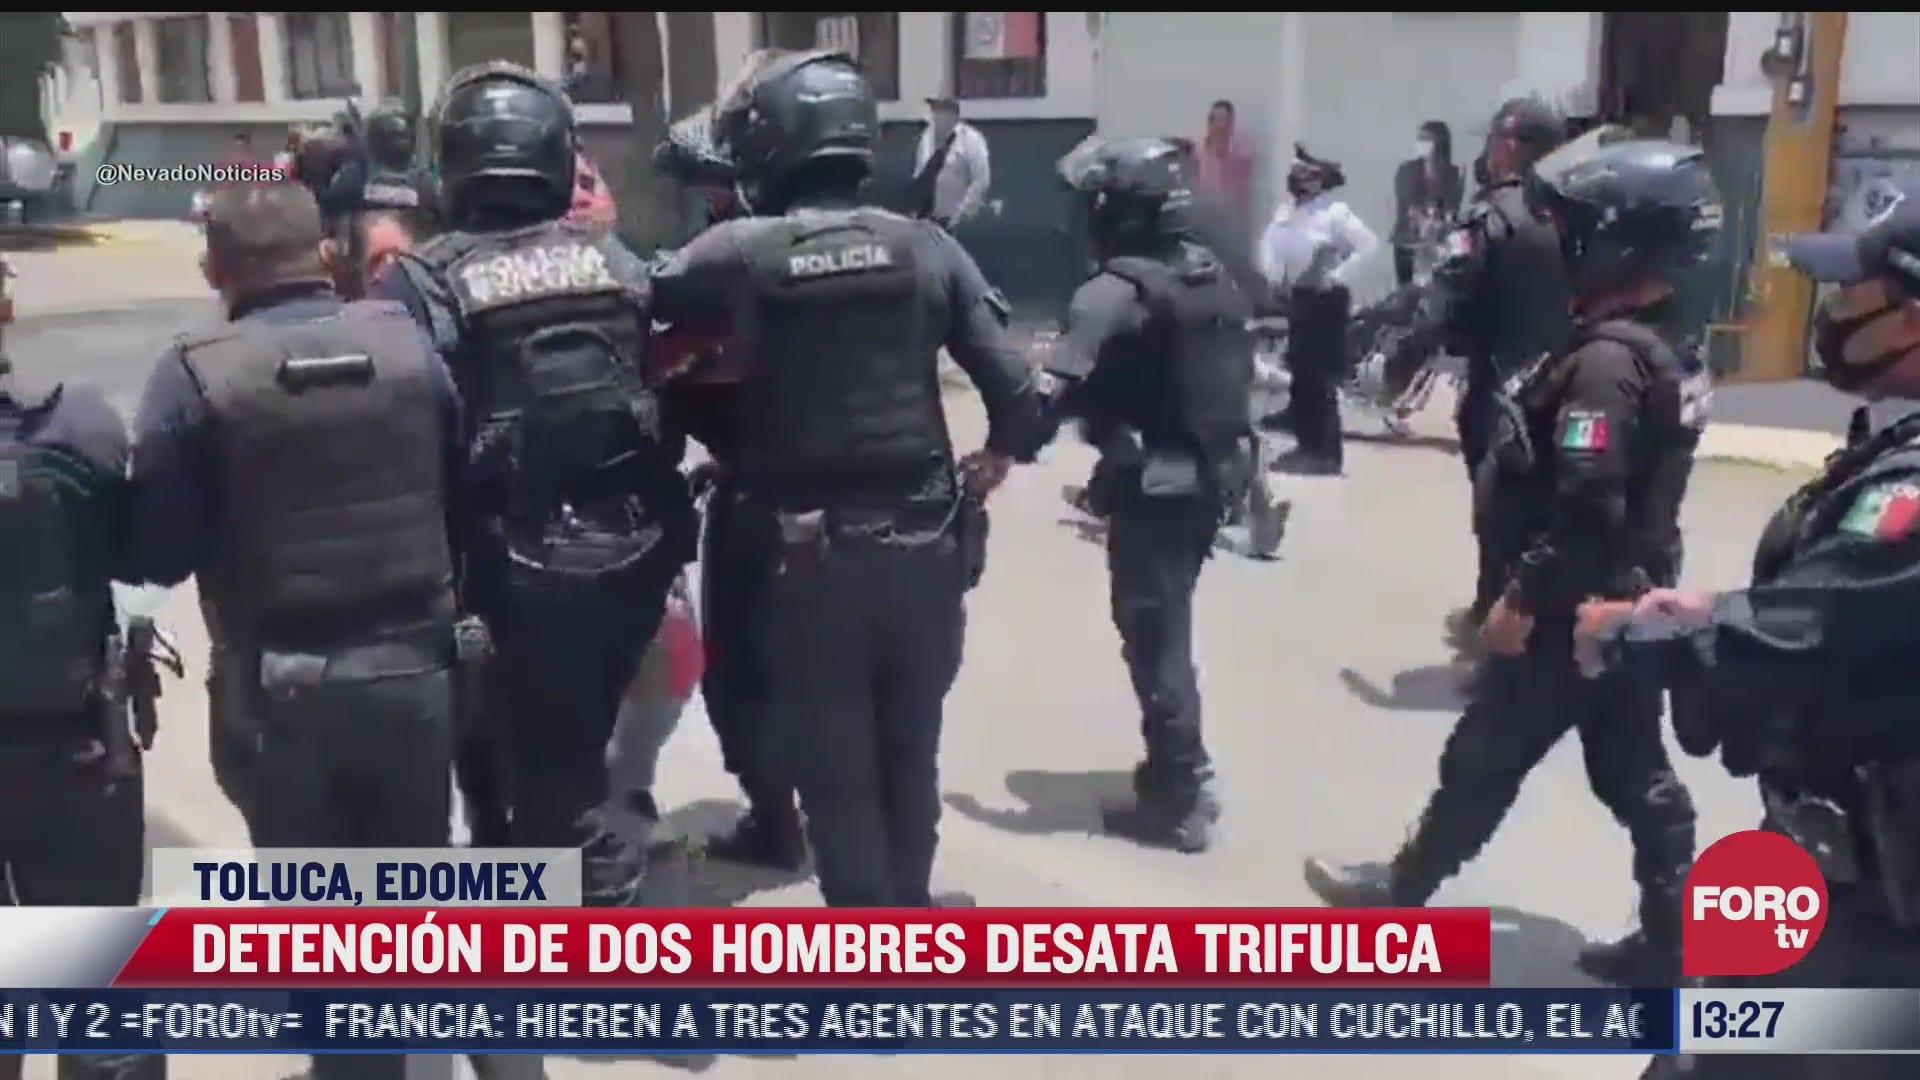 persecucion termina en trifulca en toluca estado de mexico